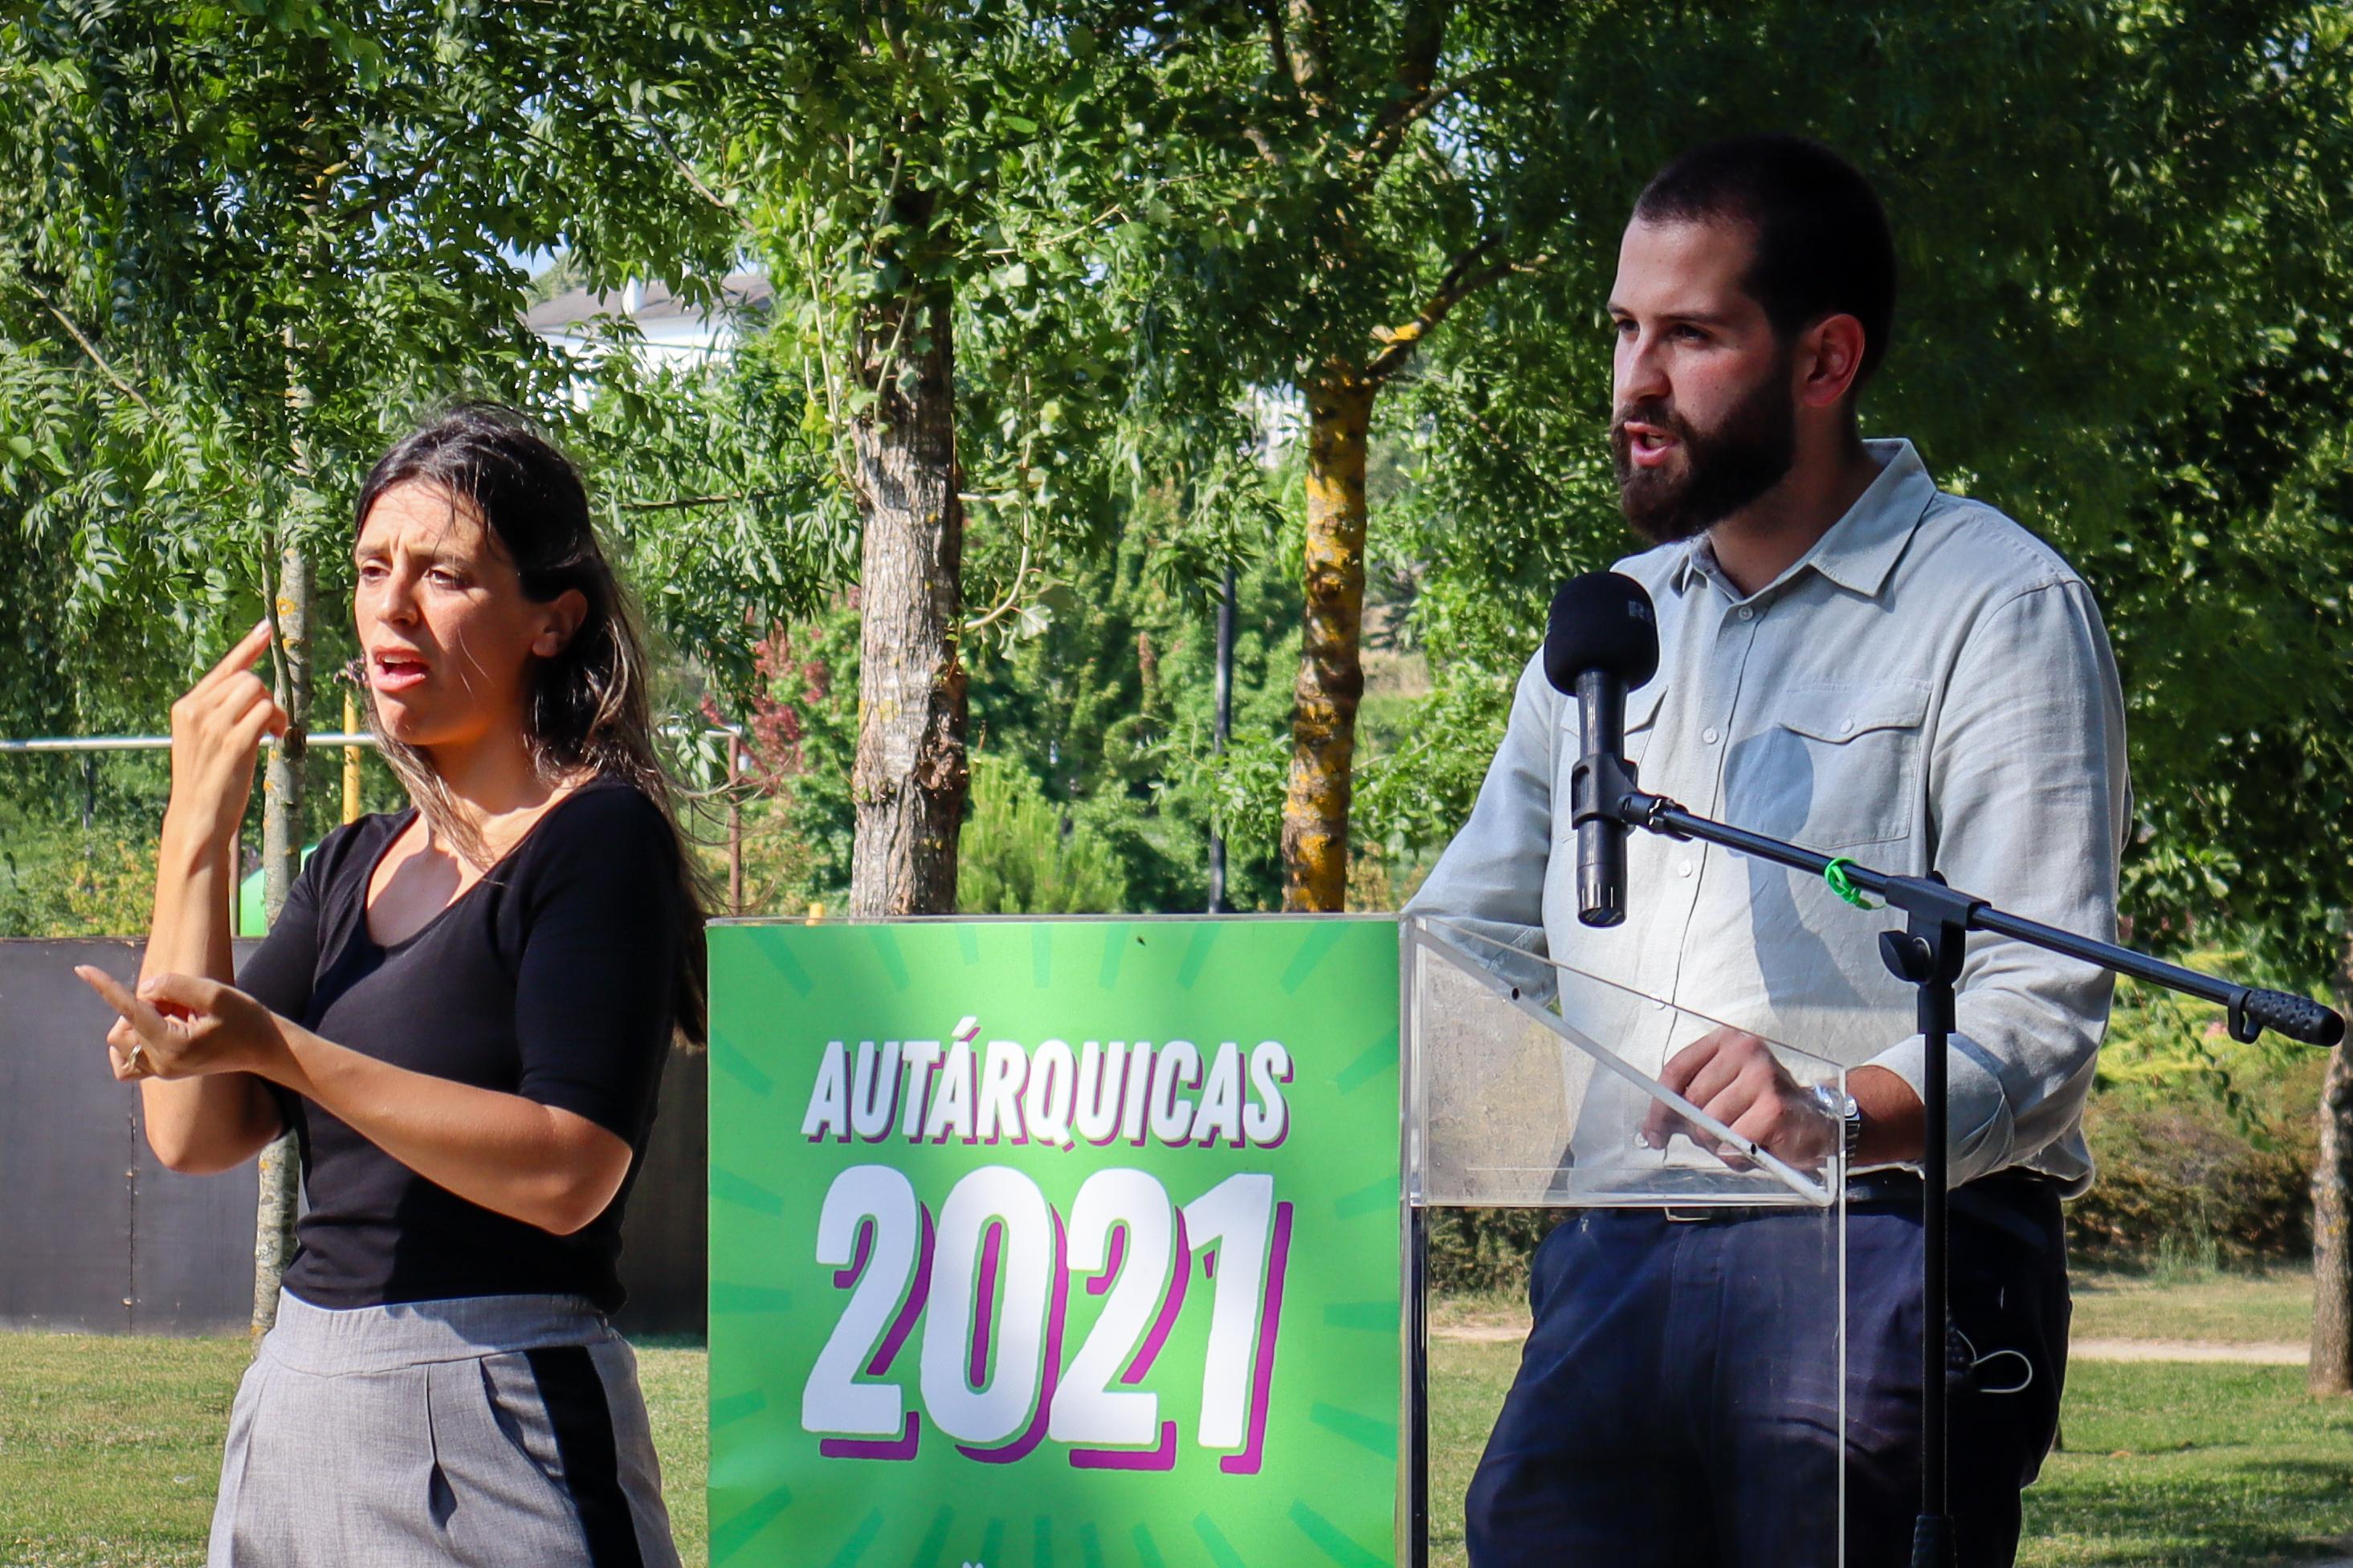 Apresentação do candidato Diogo Chiquelho do PAN às autárquicas 2021